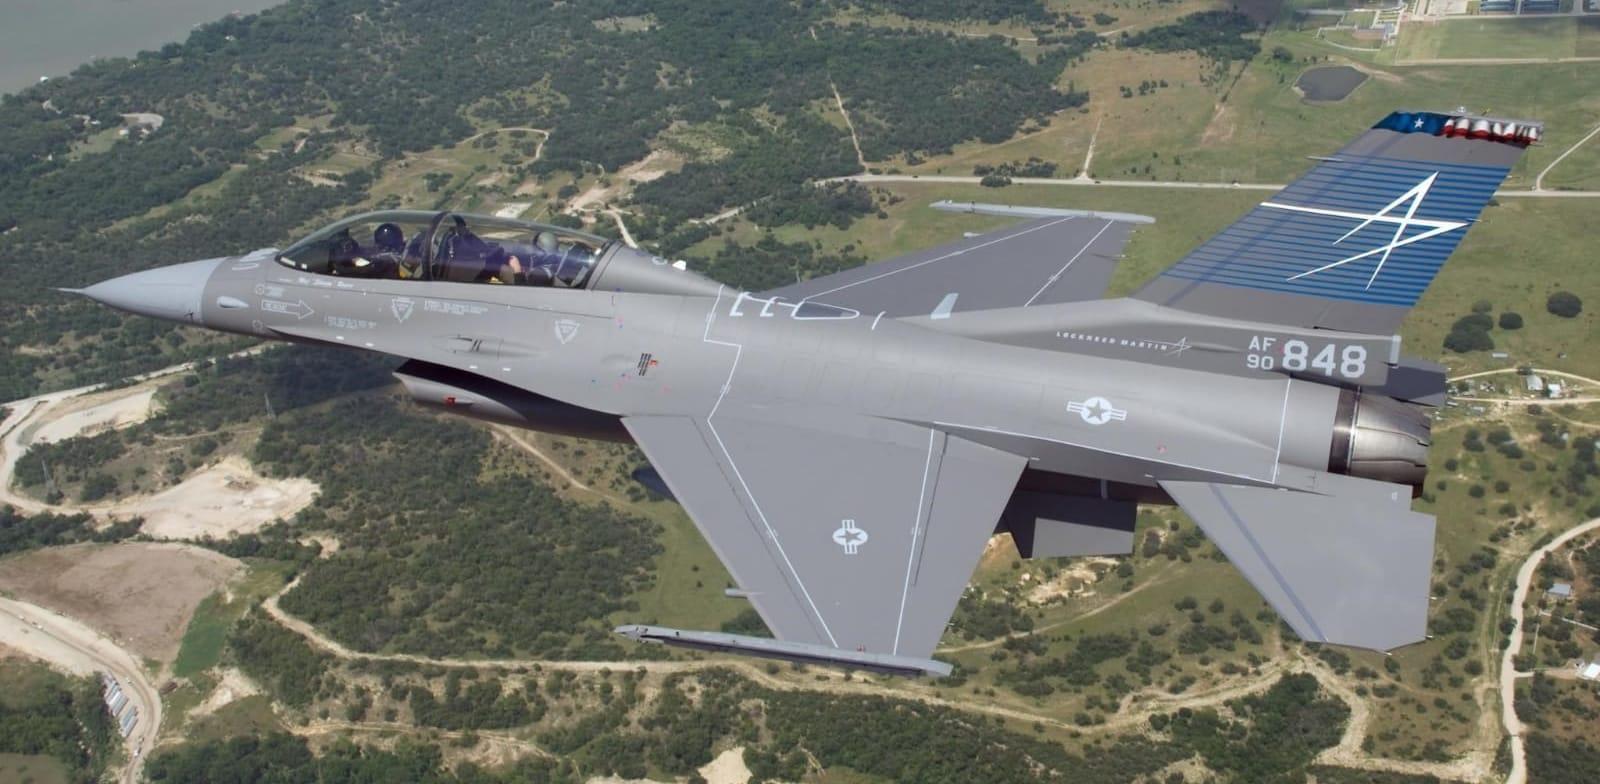 F-16 Photo: IAI